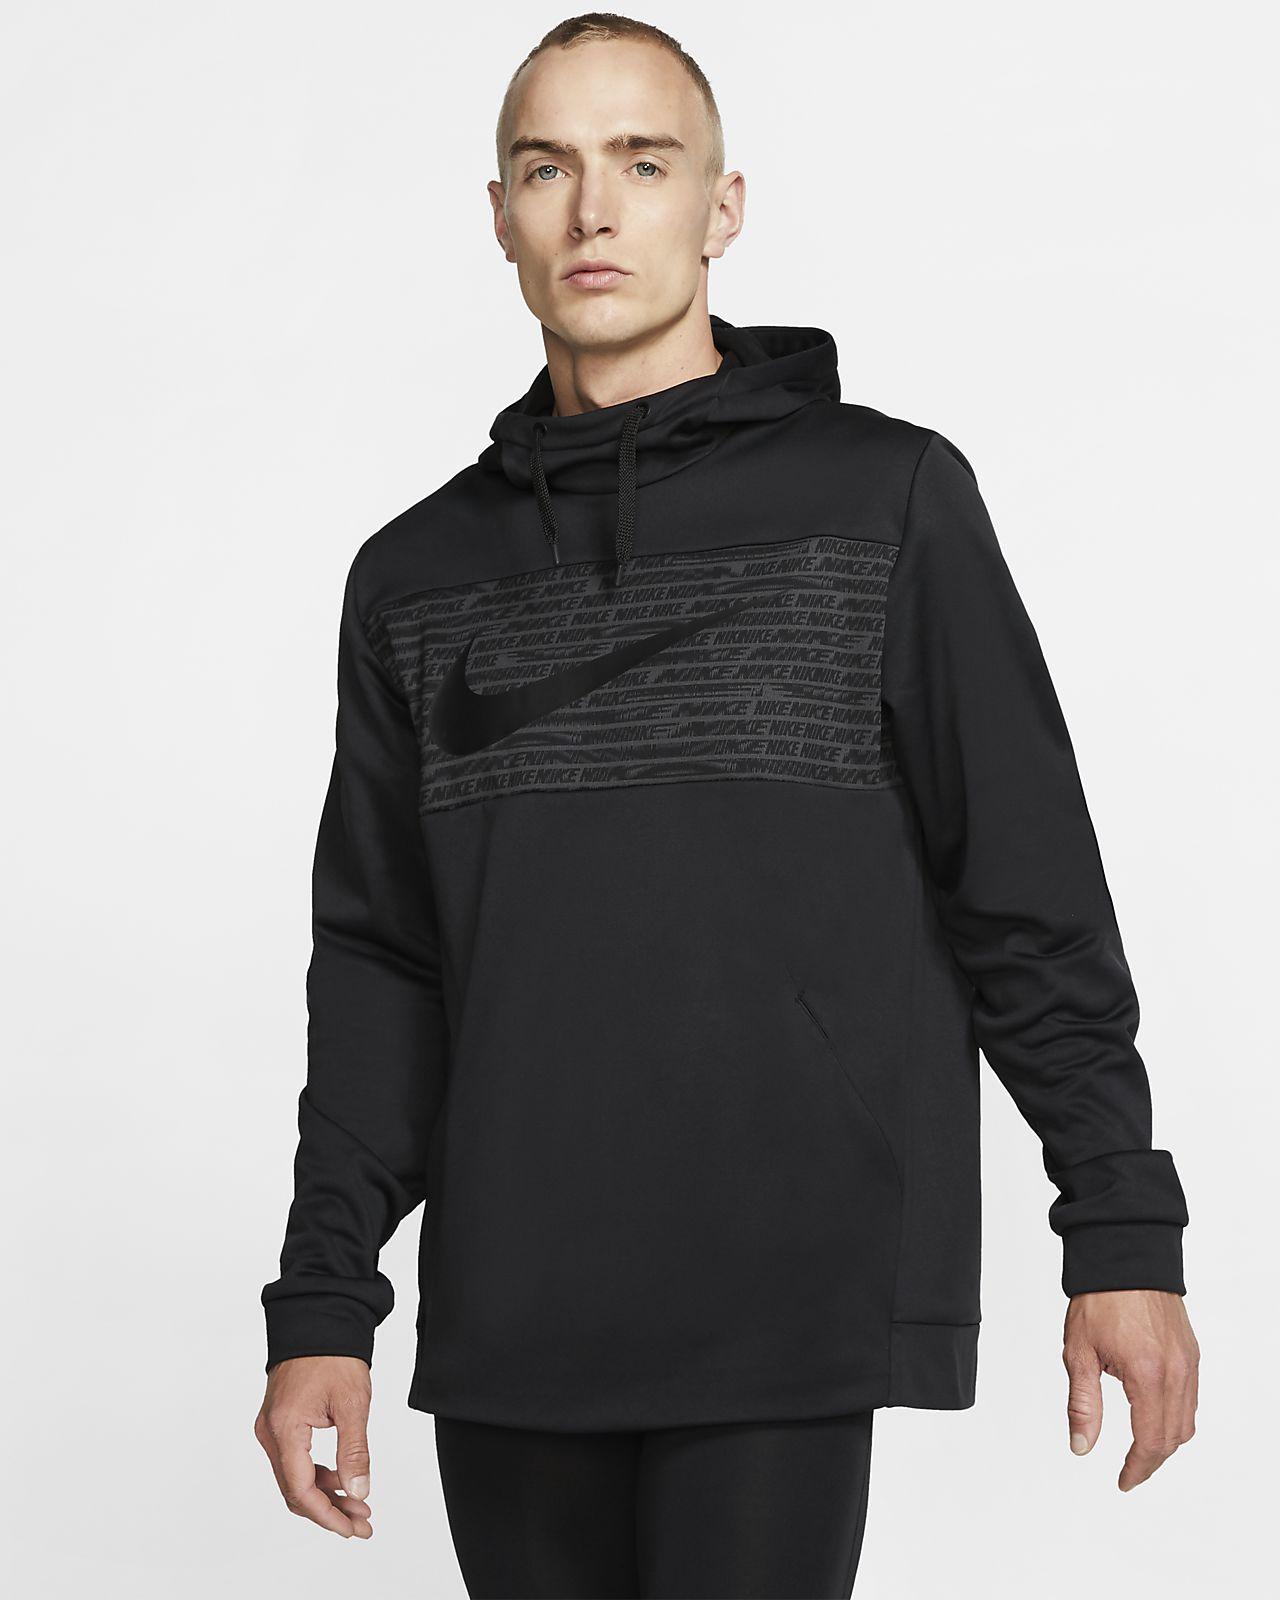 Nike Therma Sudadera con capucha de entrenamiento de tejido Fleece - Hombre